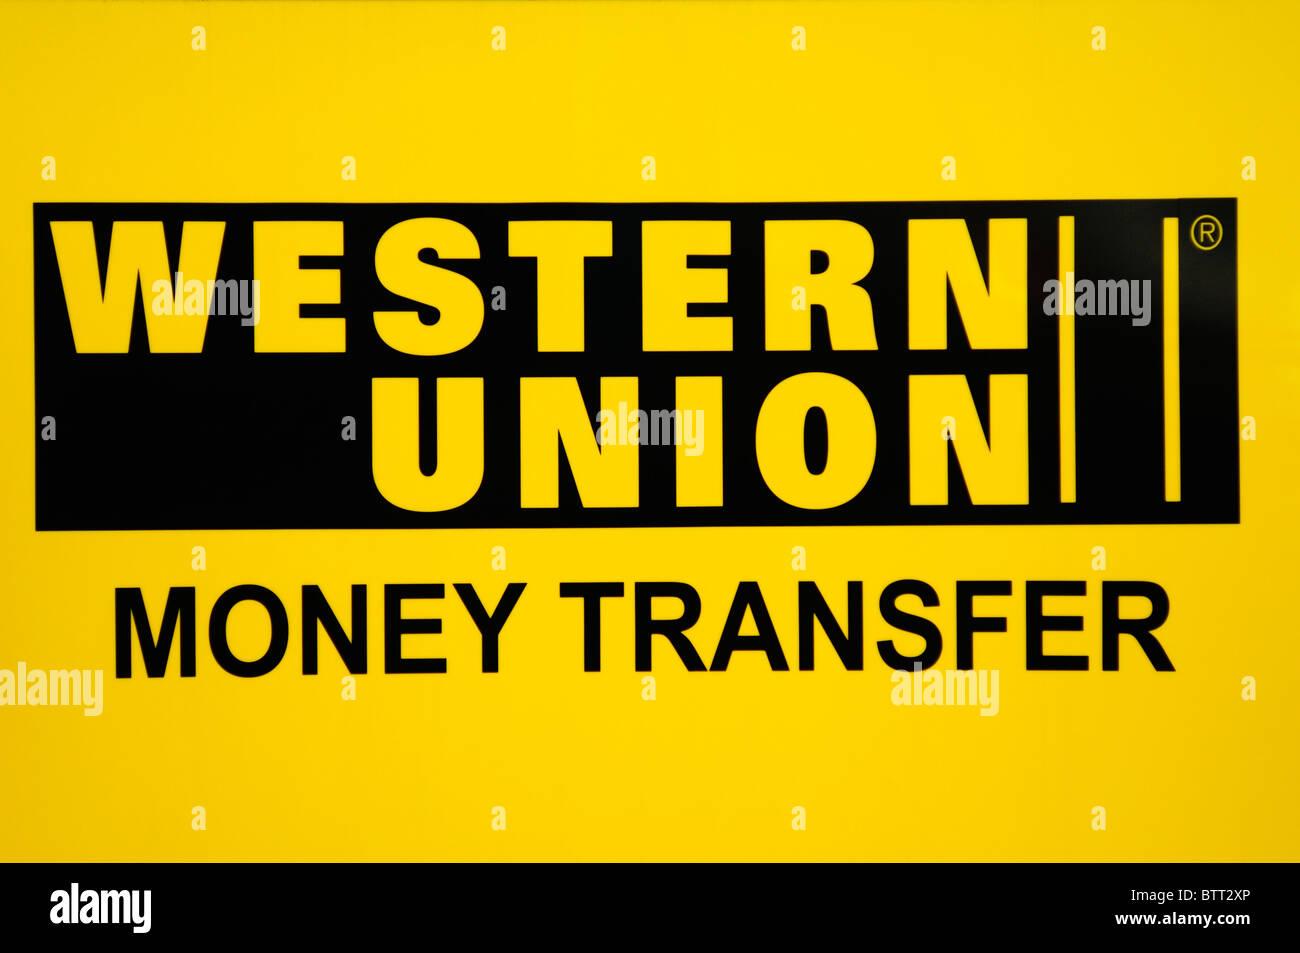 Western union - Western Union Money Transfer Sign Logo London England Uk Stock Image